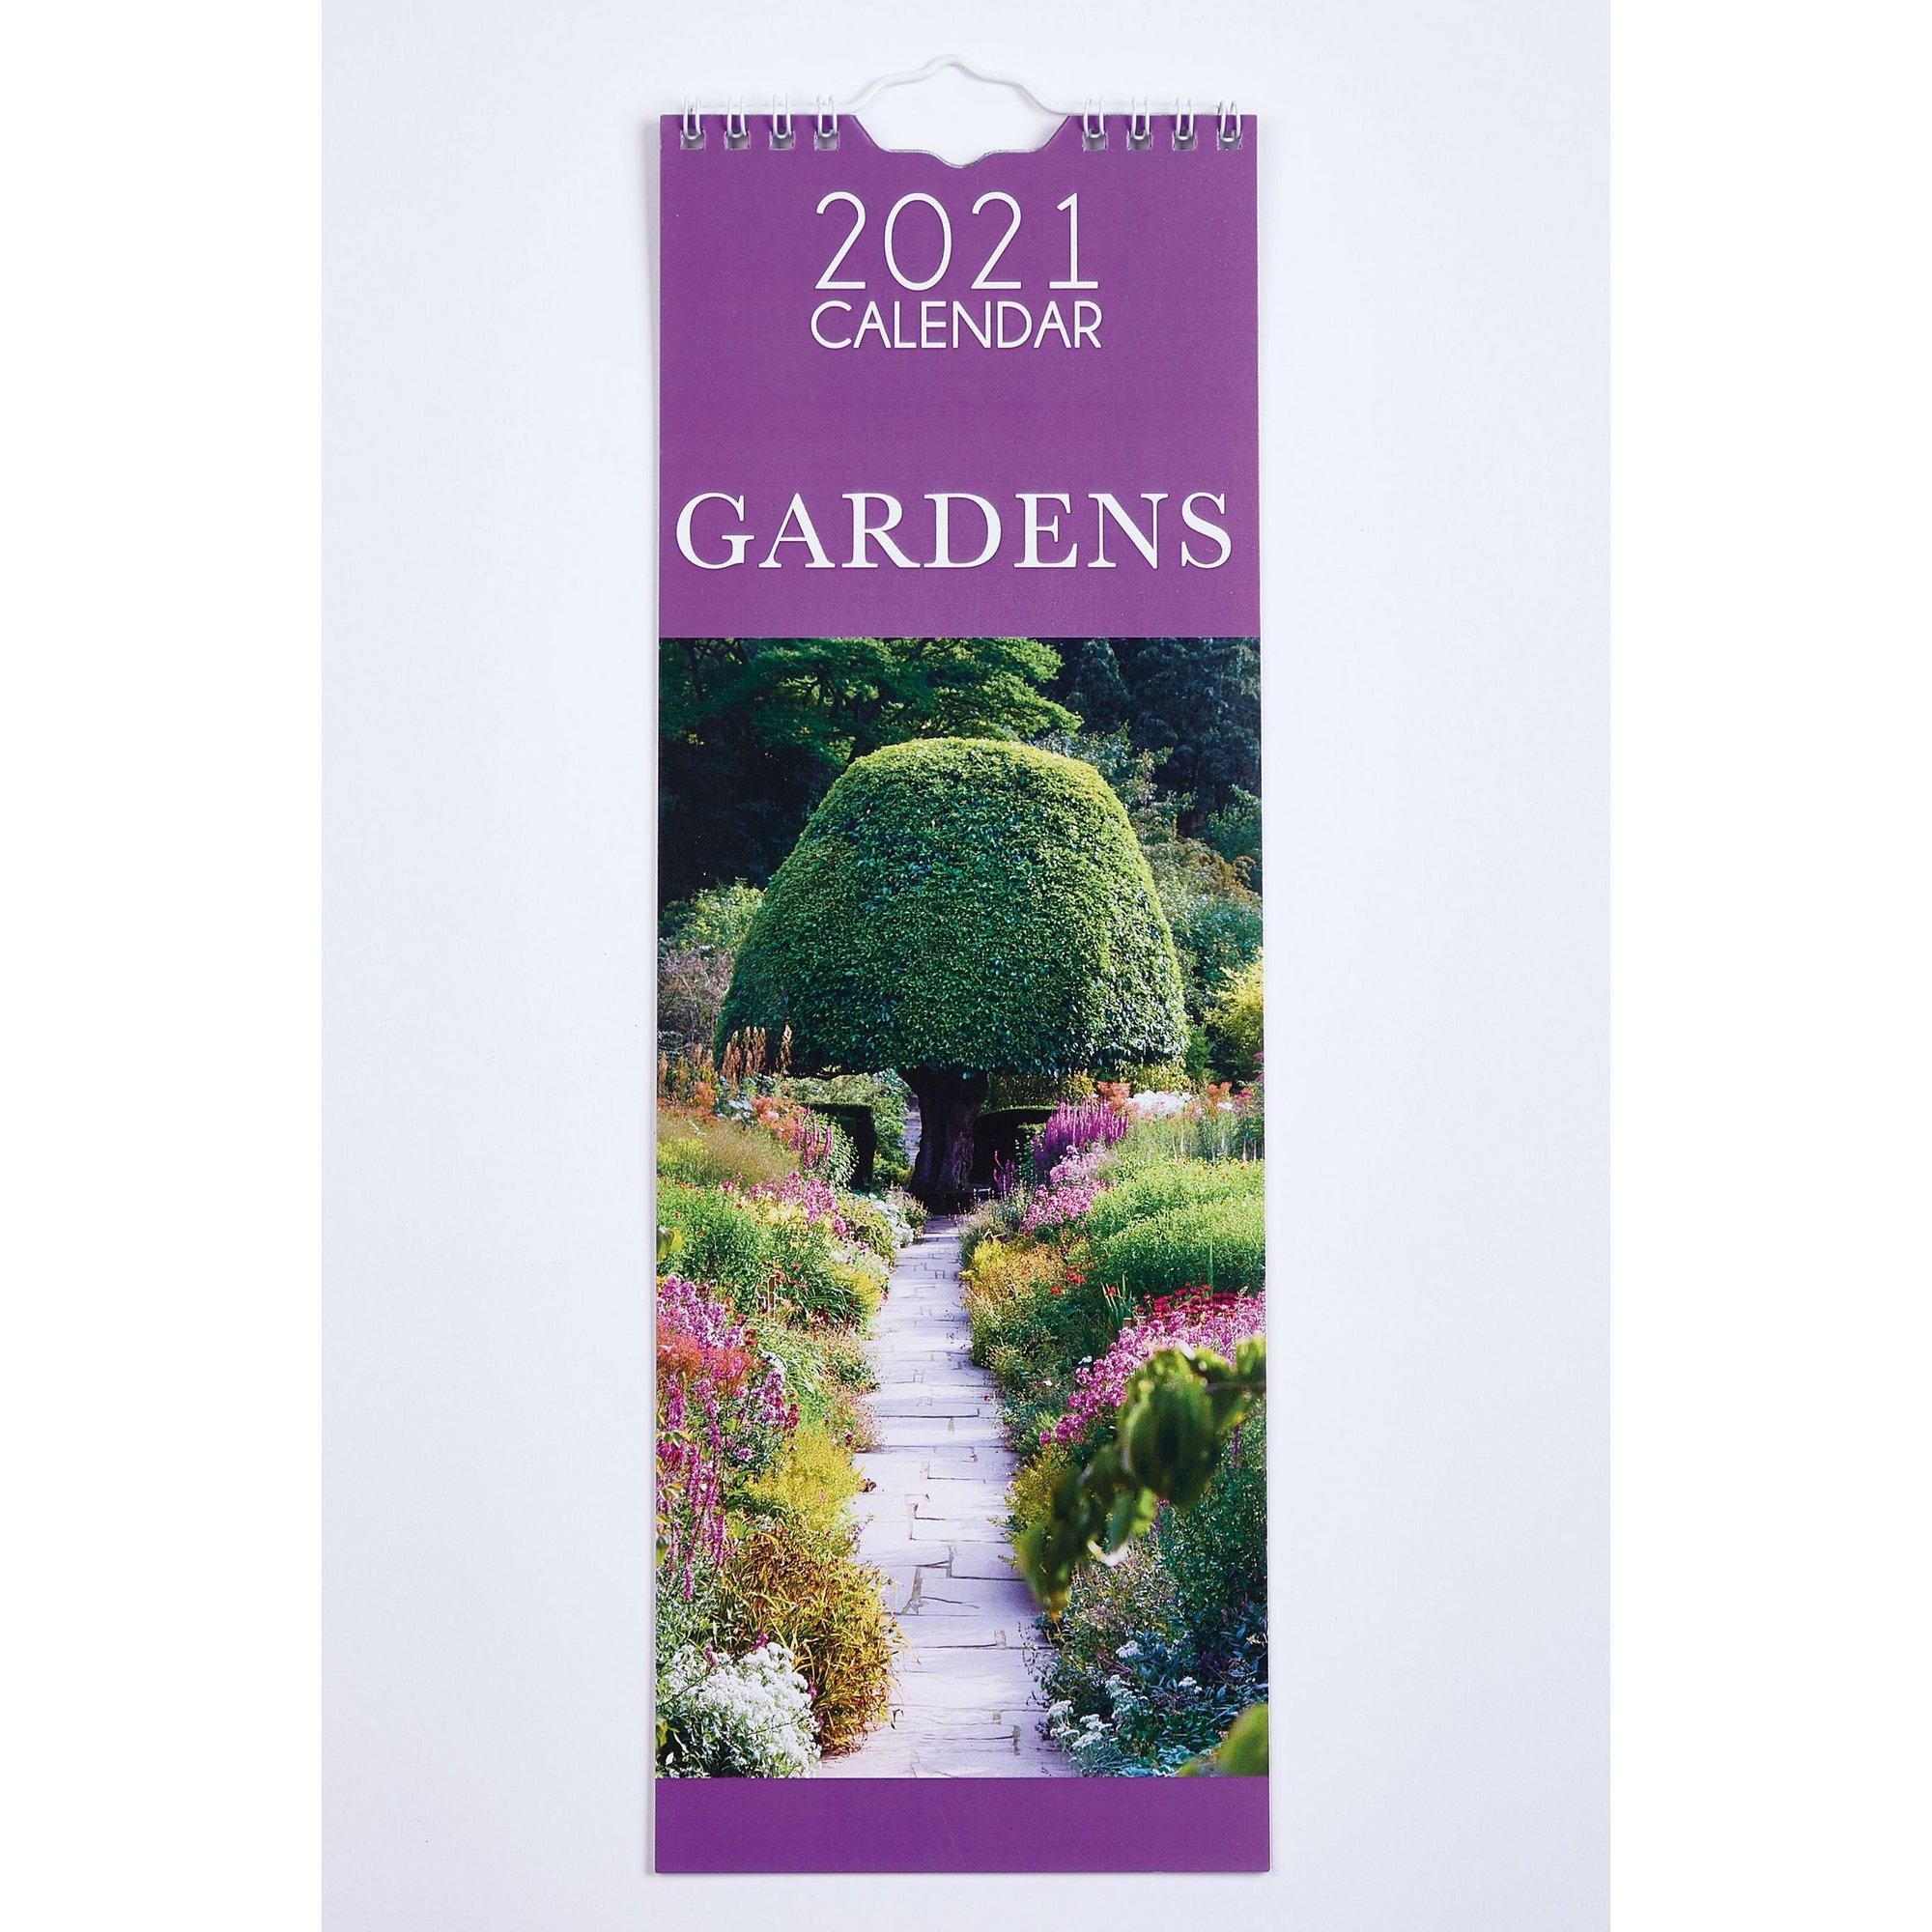 Image of Slim Gardens Calendar 2021